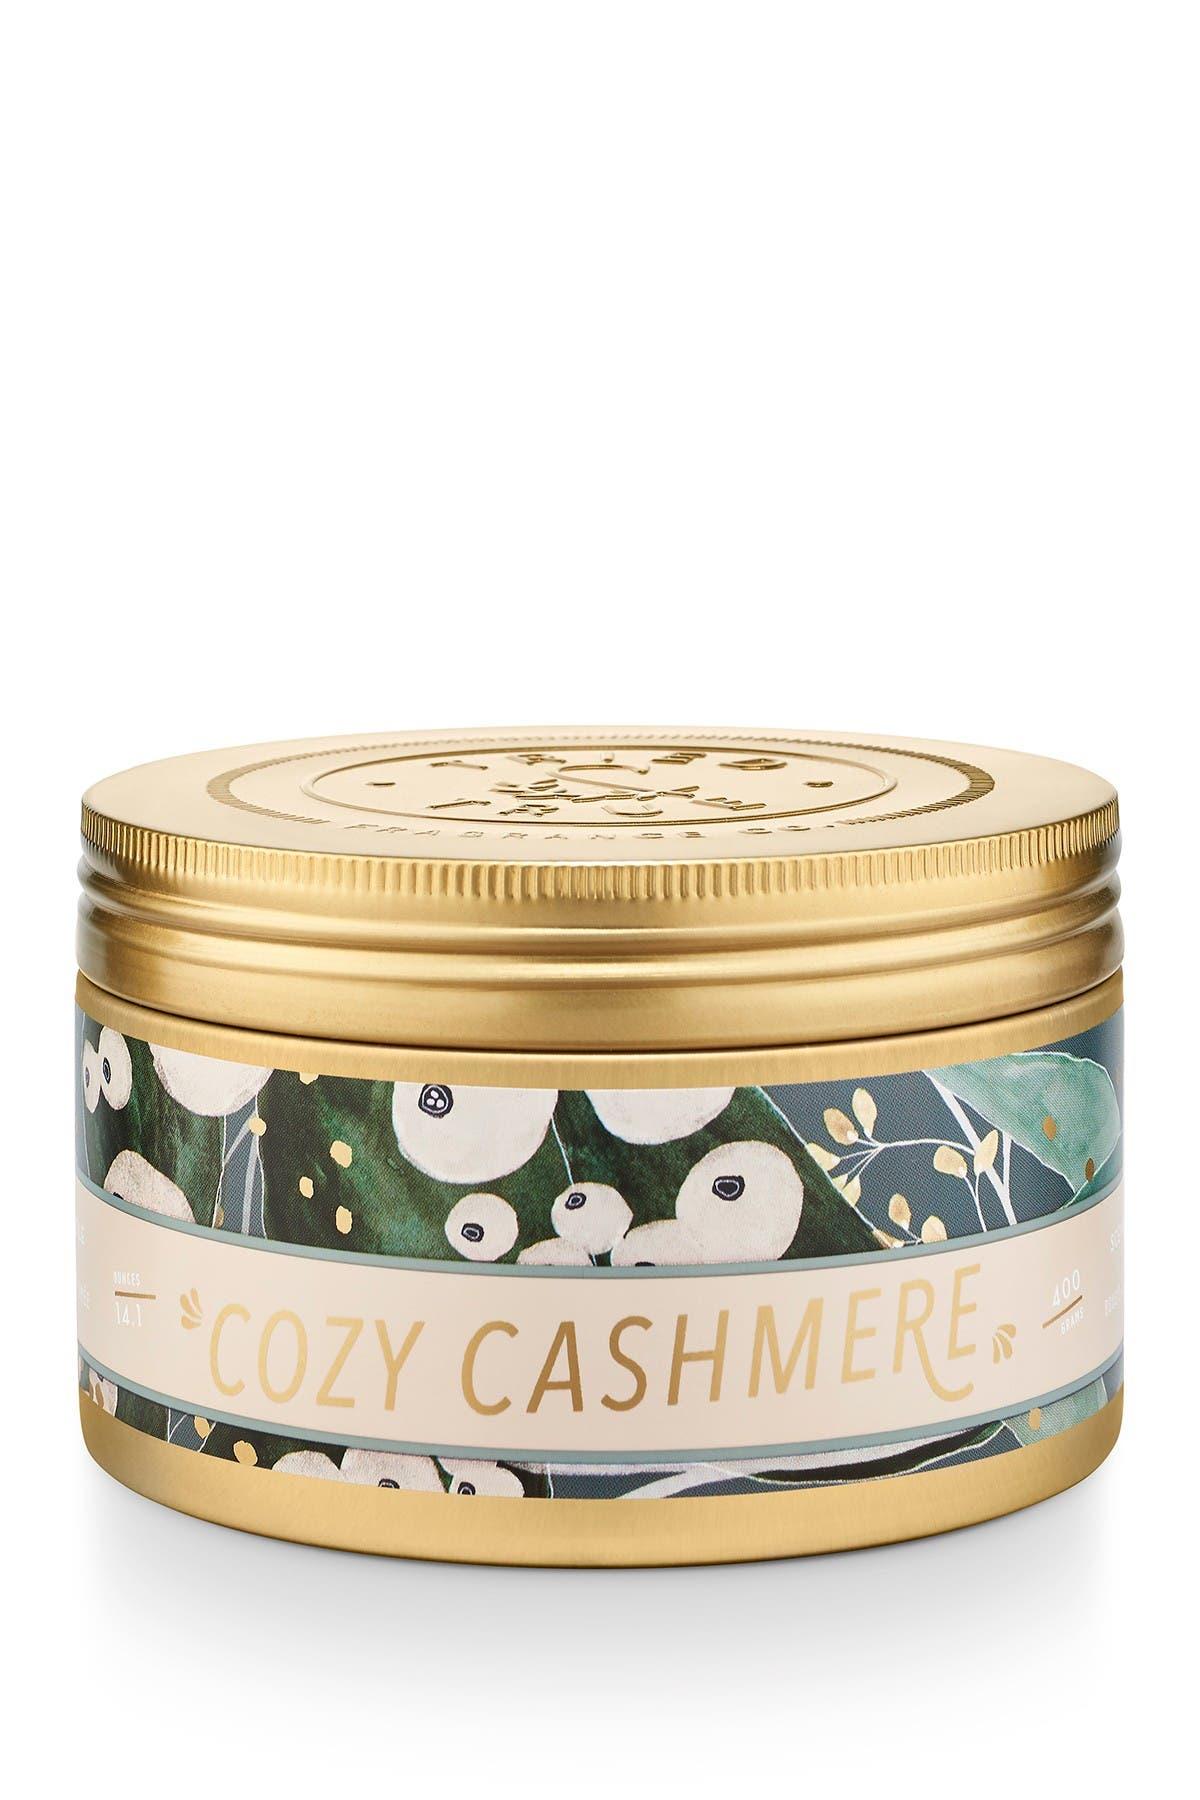 Image of Illume Cozy Cashmere 14.1 oz. Tin Candle